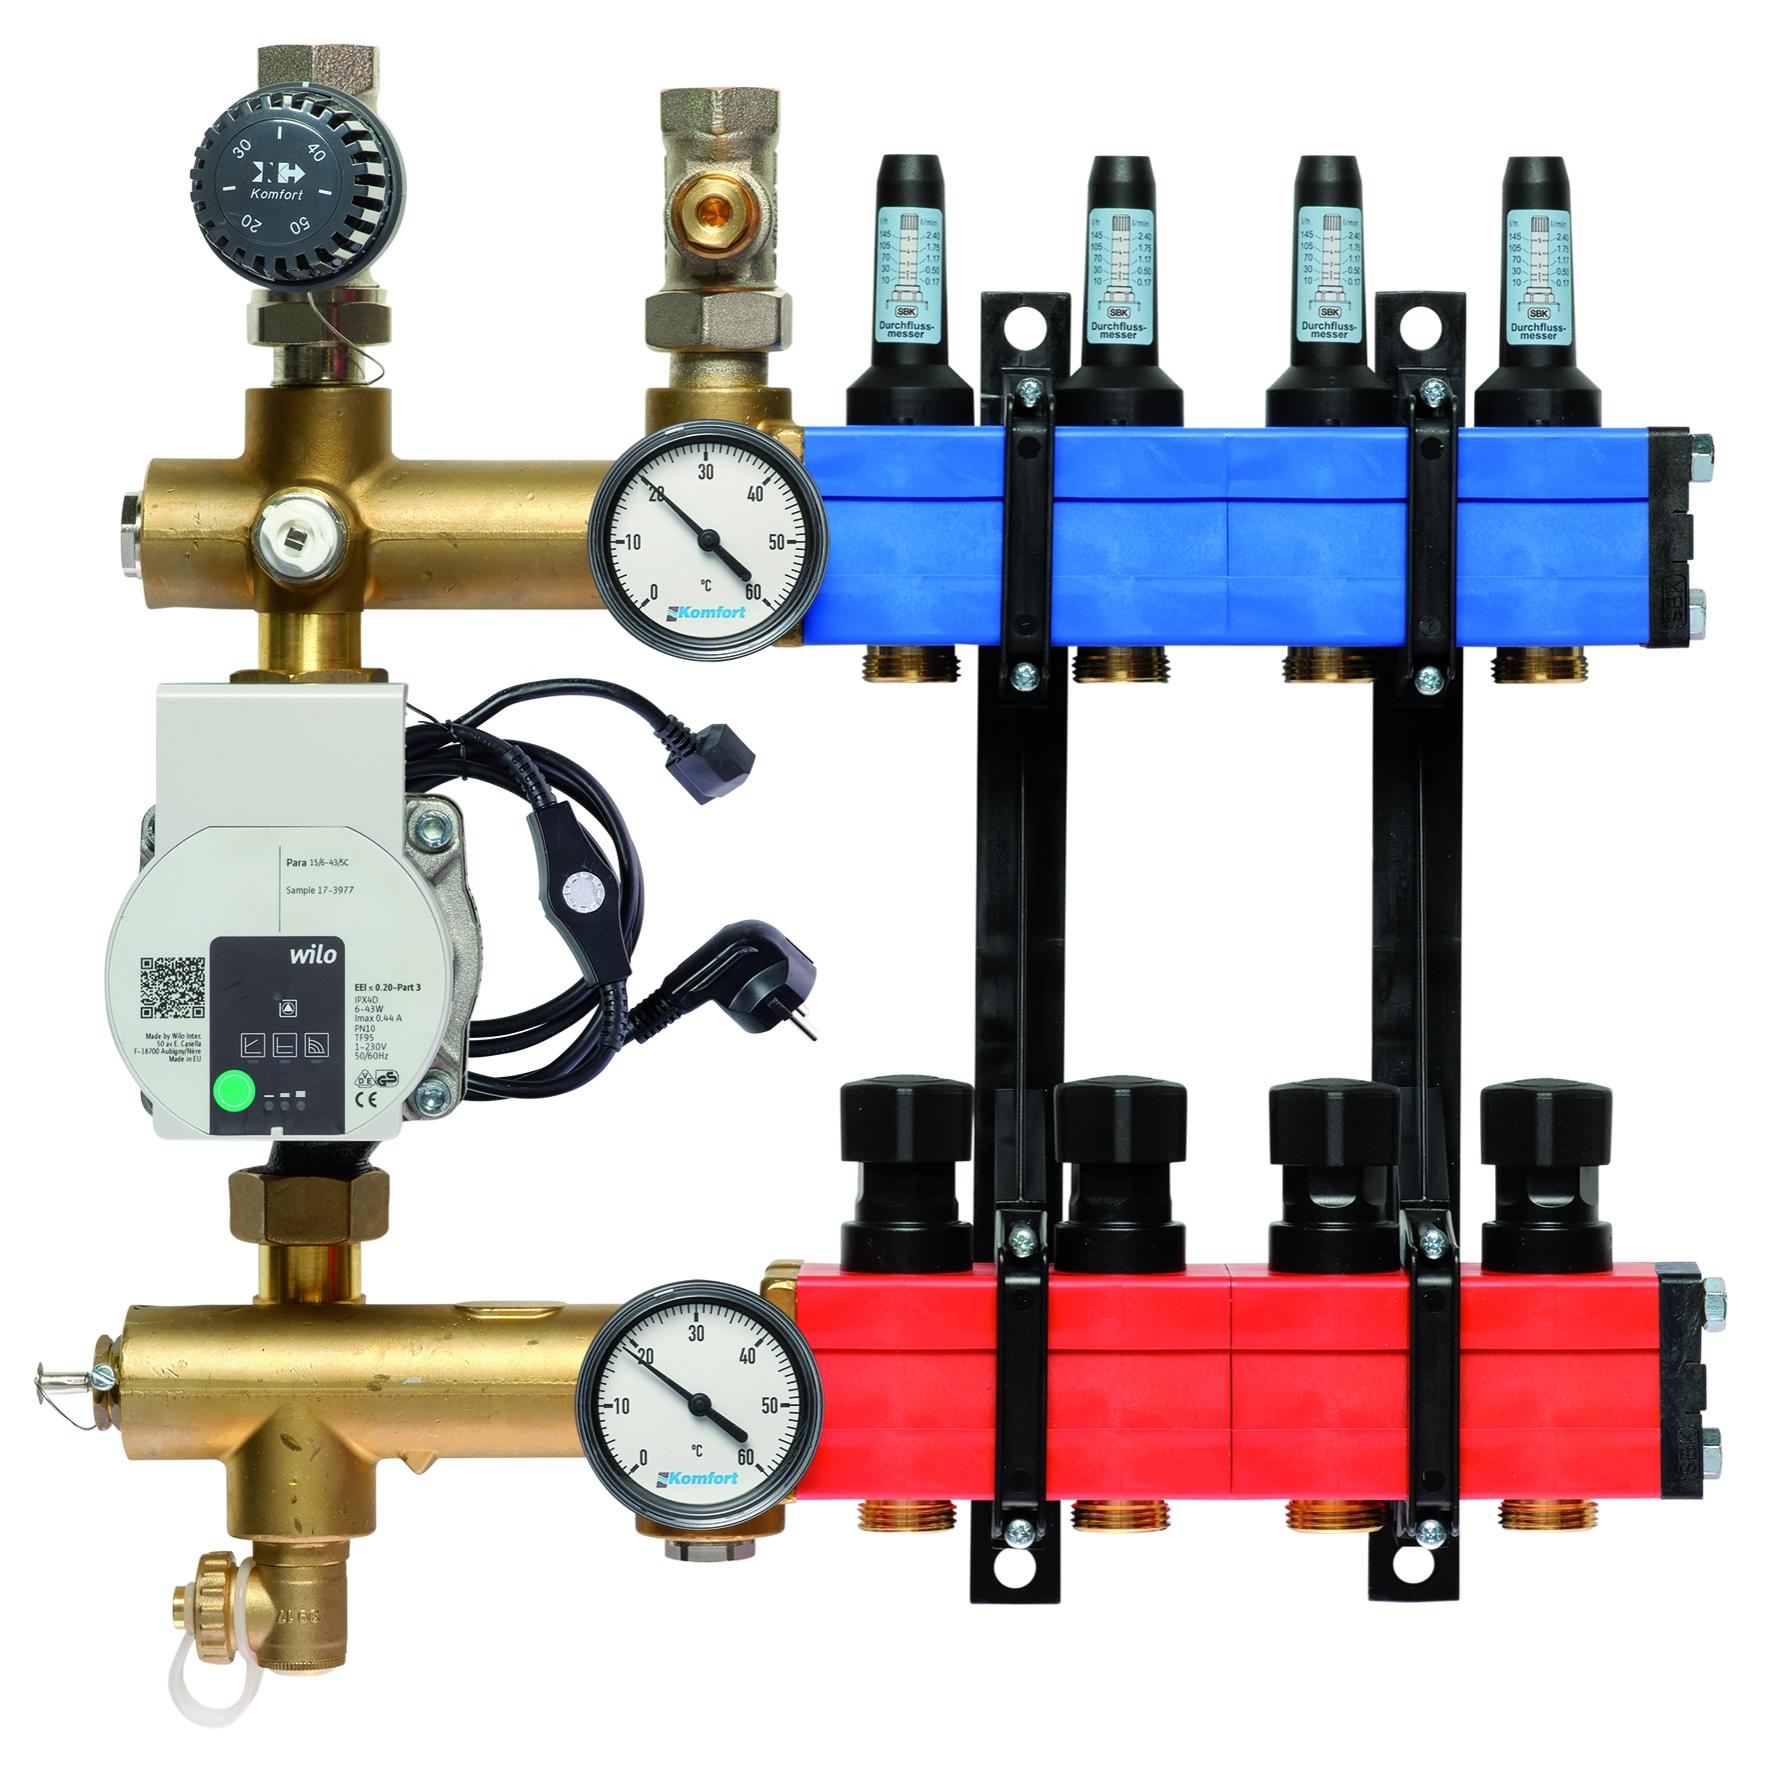 Komfort vloerverwarmingsverdeler b.a. E-pomp, 10-145 l/u.,4 gr.